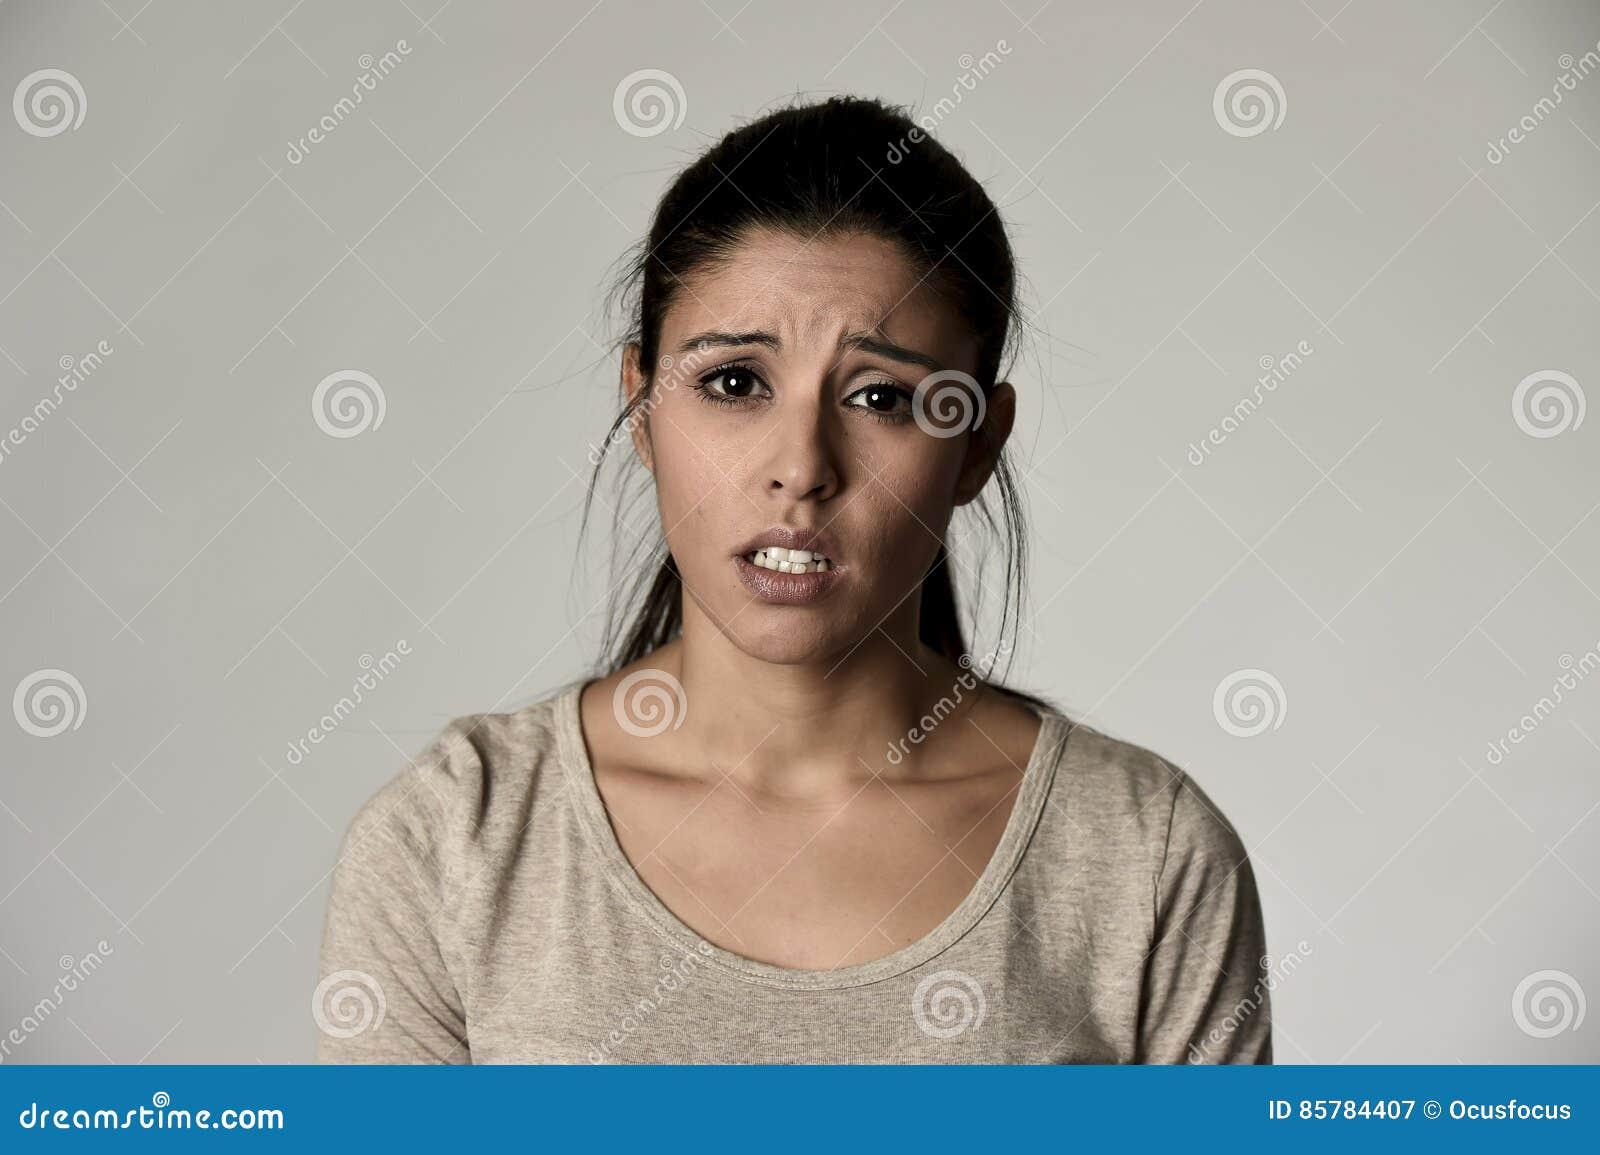 Młoda piękna latynoska smutna kobieta poważna i zaniepokojona w zmartwionym przygnębionym wyrazie twarzy